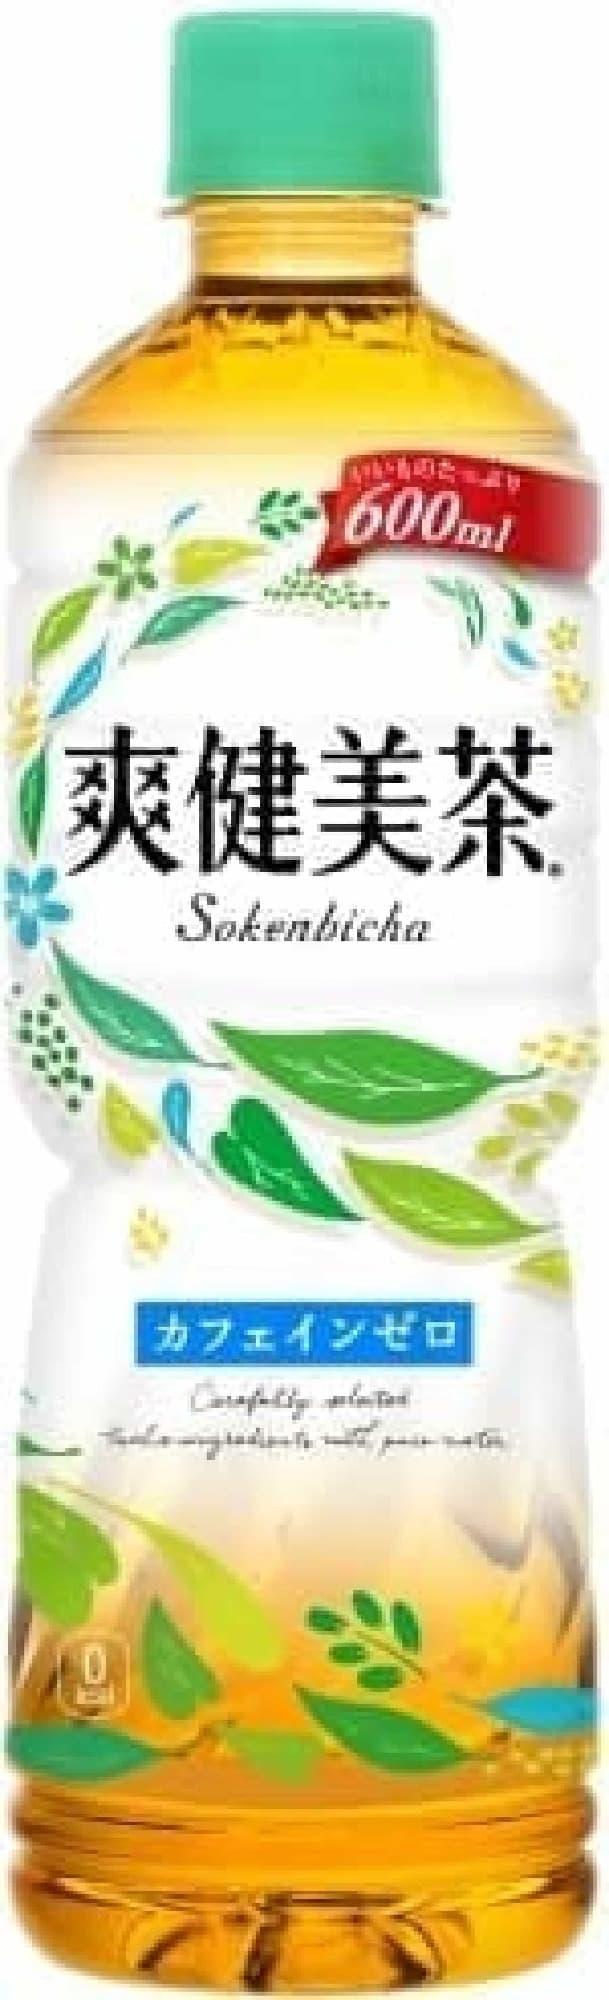 今までで一番おいしい爽健美茶